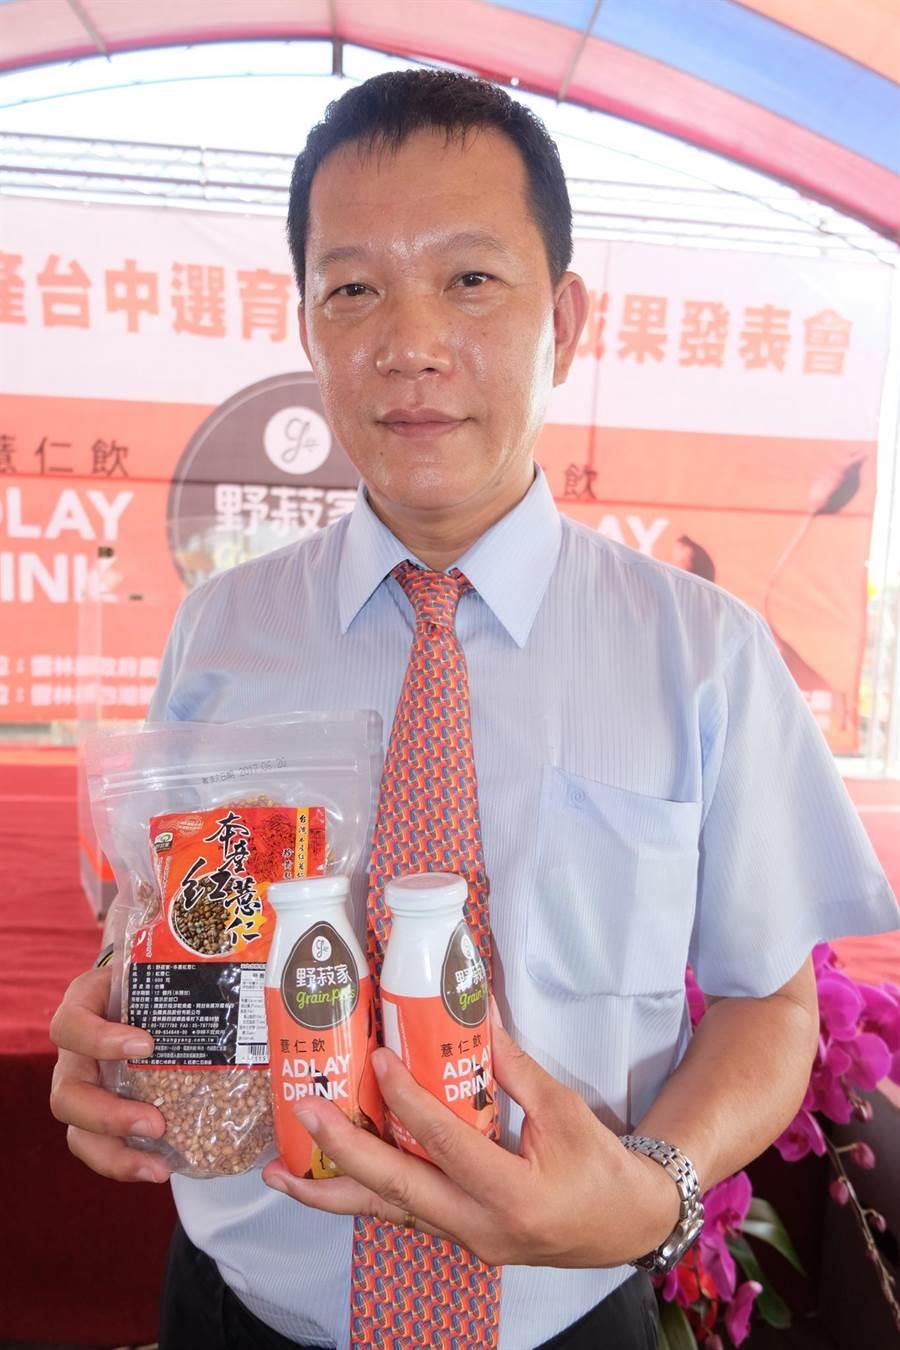 弘陽食品董事長謝奇峰與農民契作薏仁,打造雲林優質農產與加工品。(張朝欣攝)